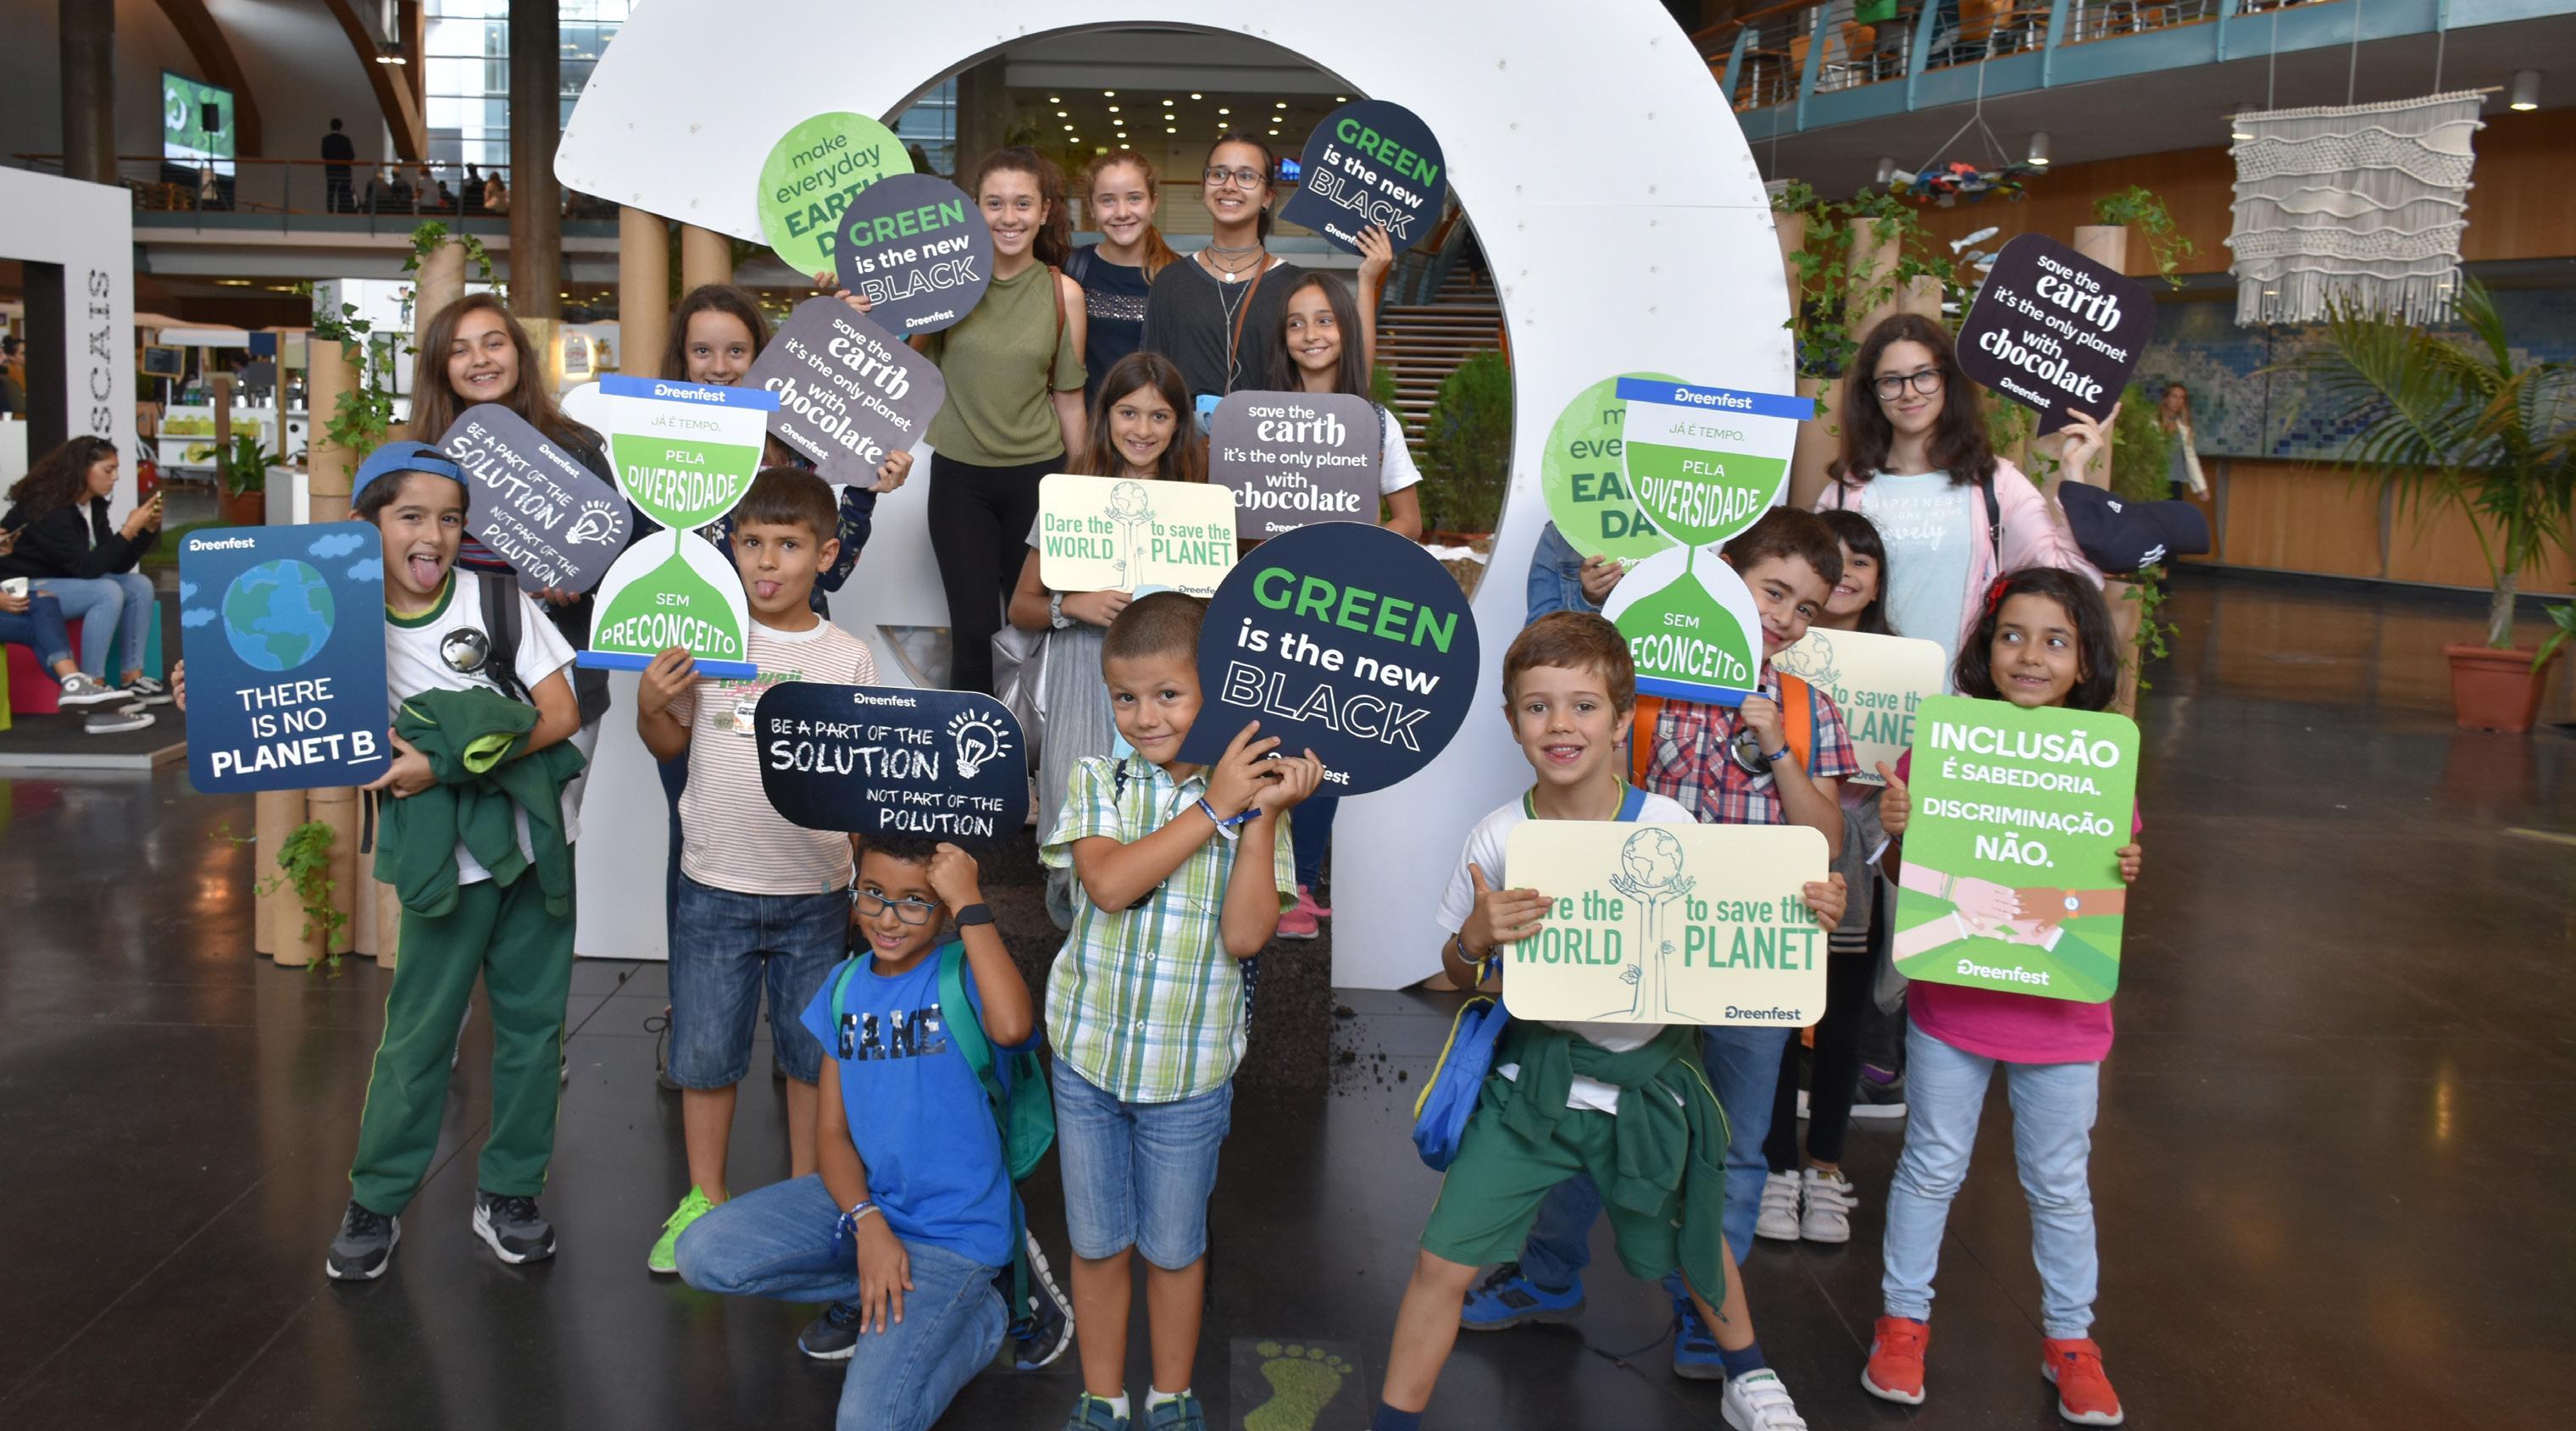 Page 10 of Eco-escolas: Sustentabilidade no festival Greenfest